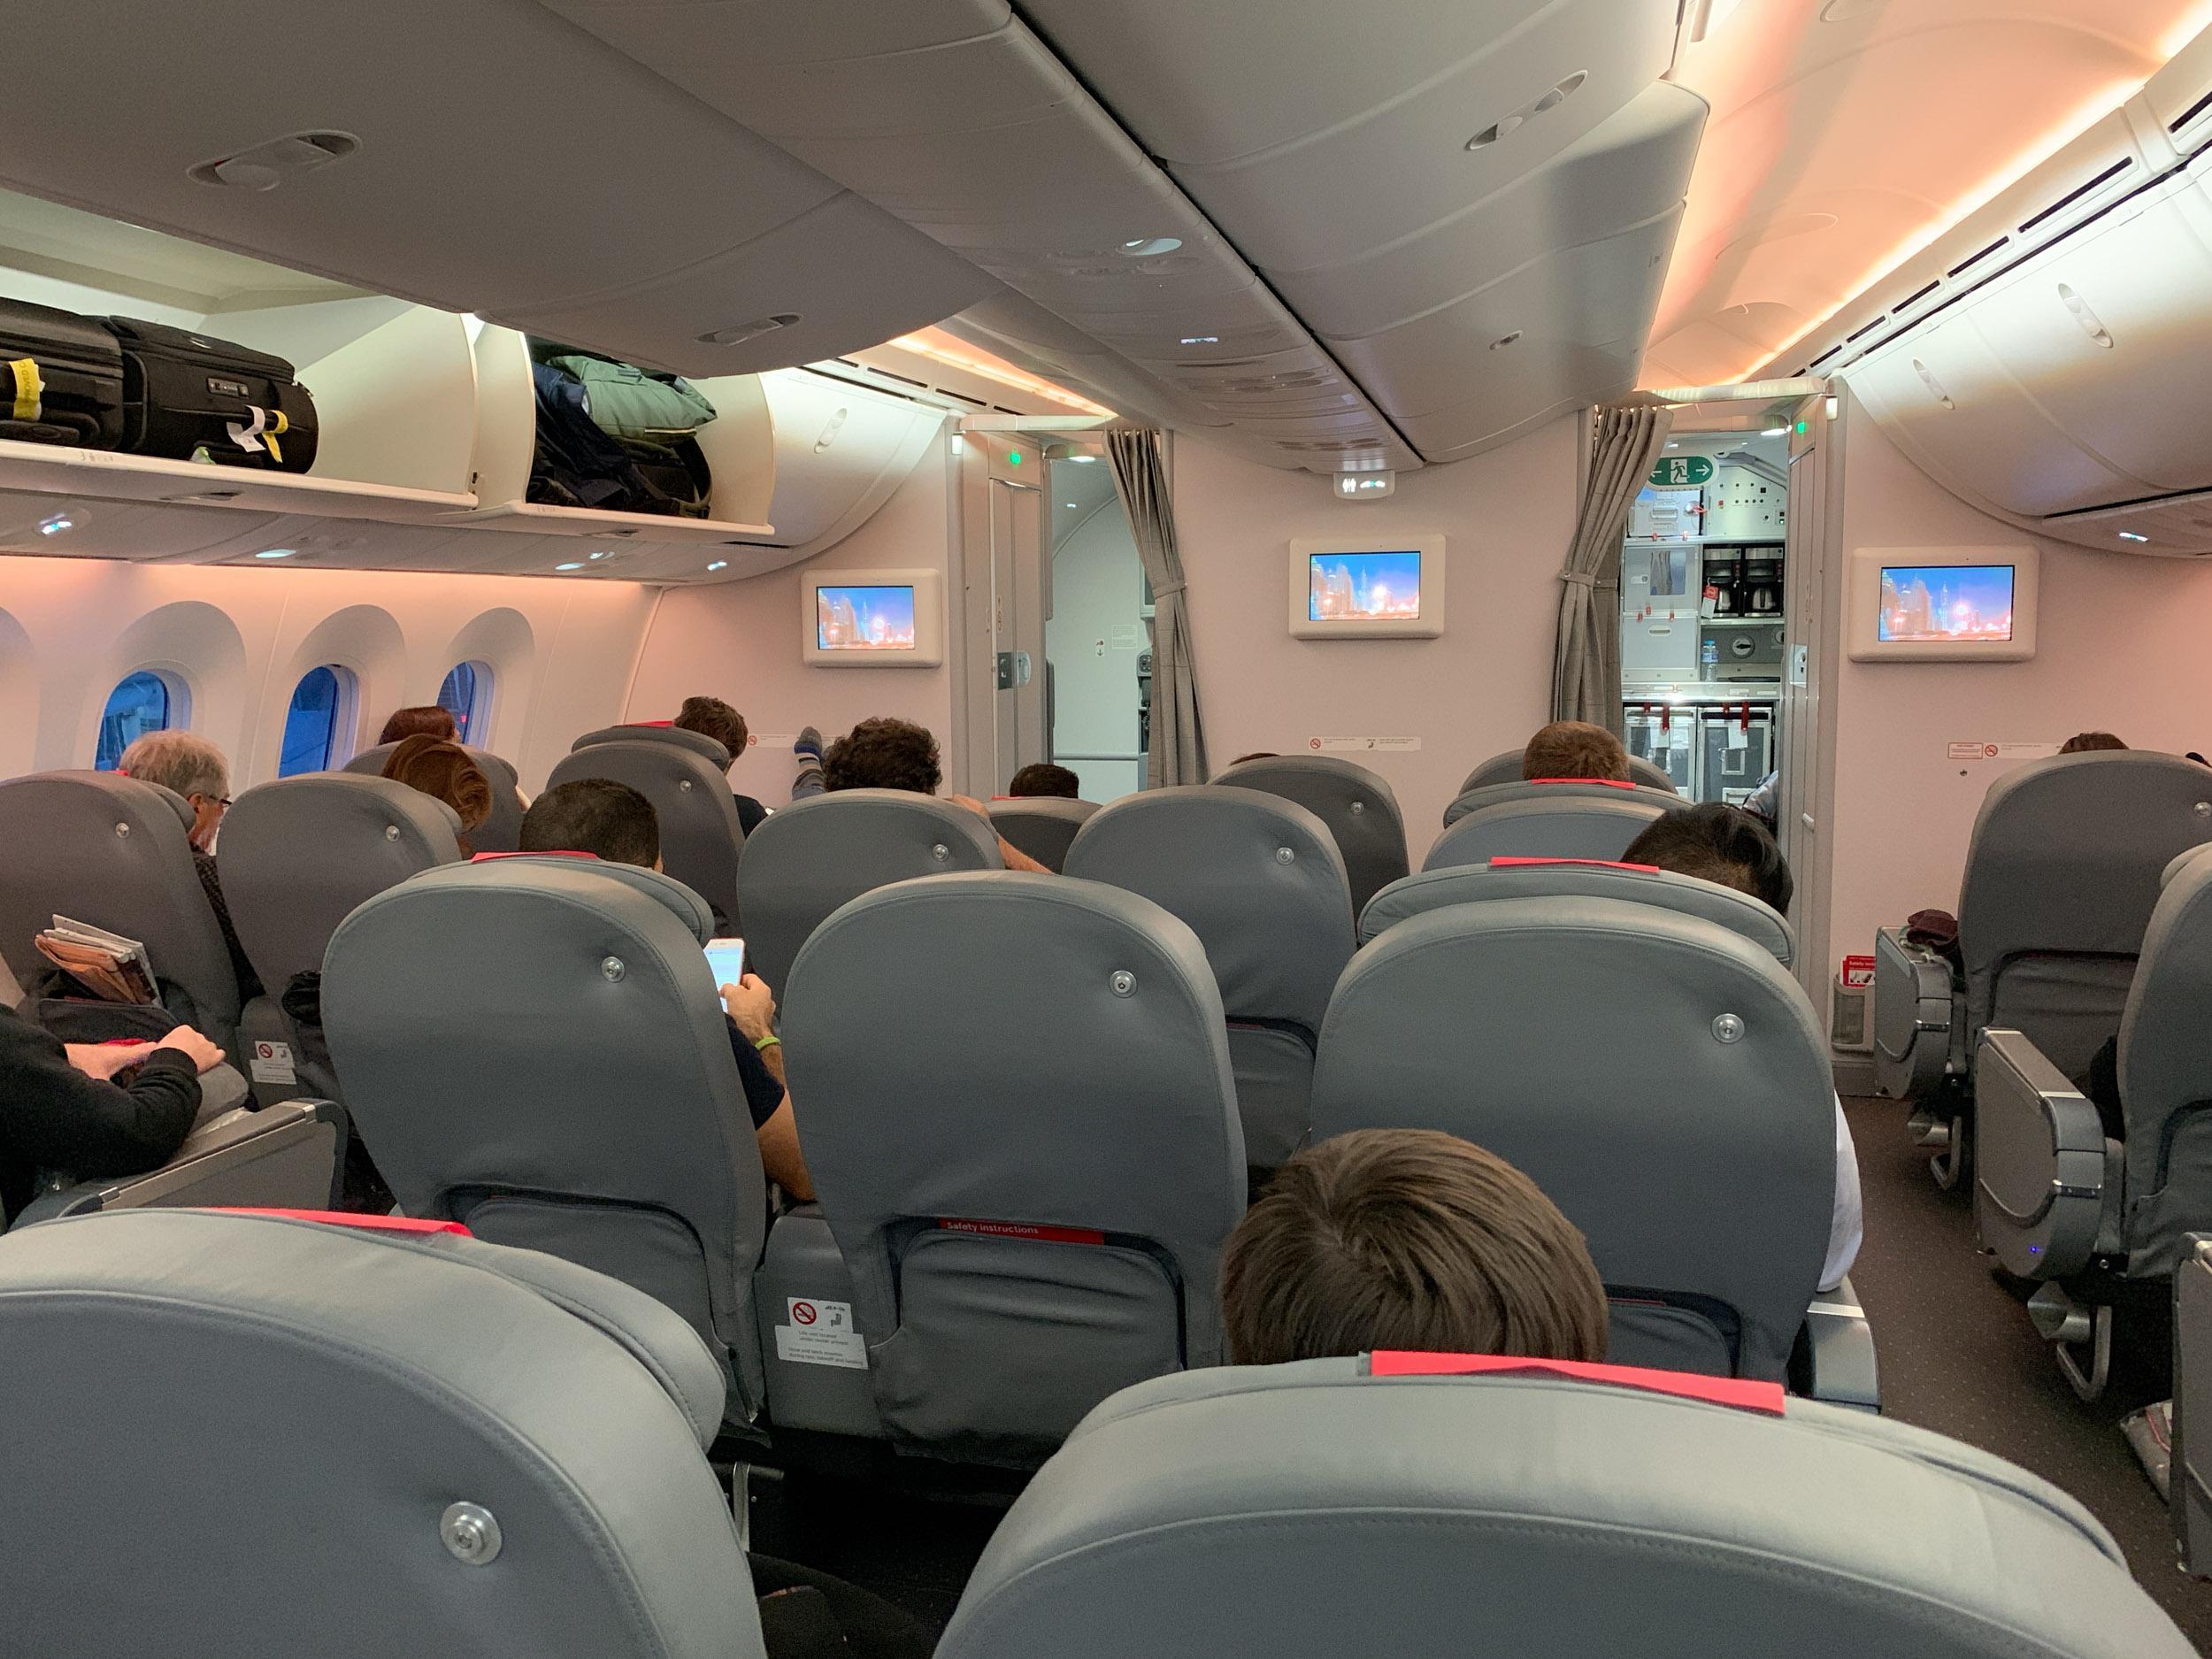 Norwegian Air Premium seating